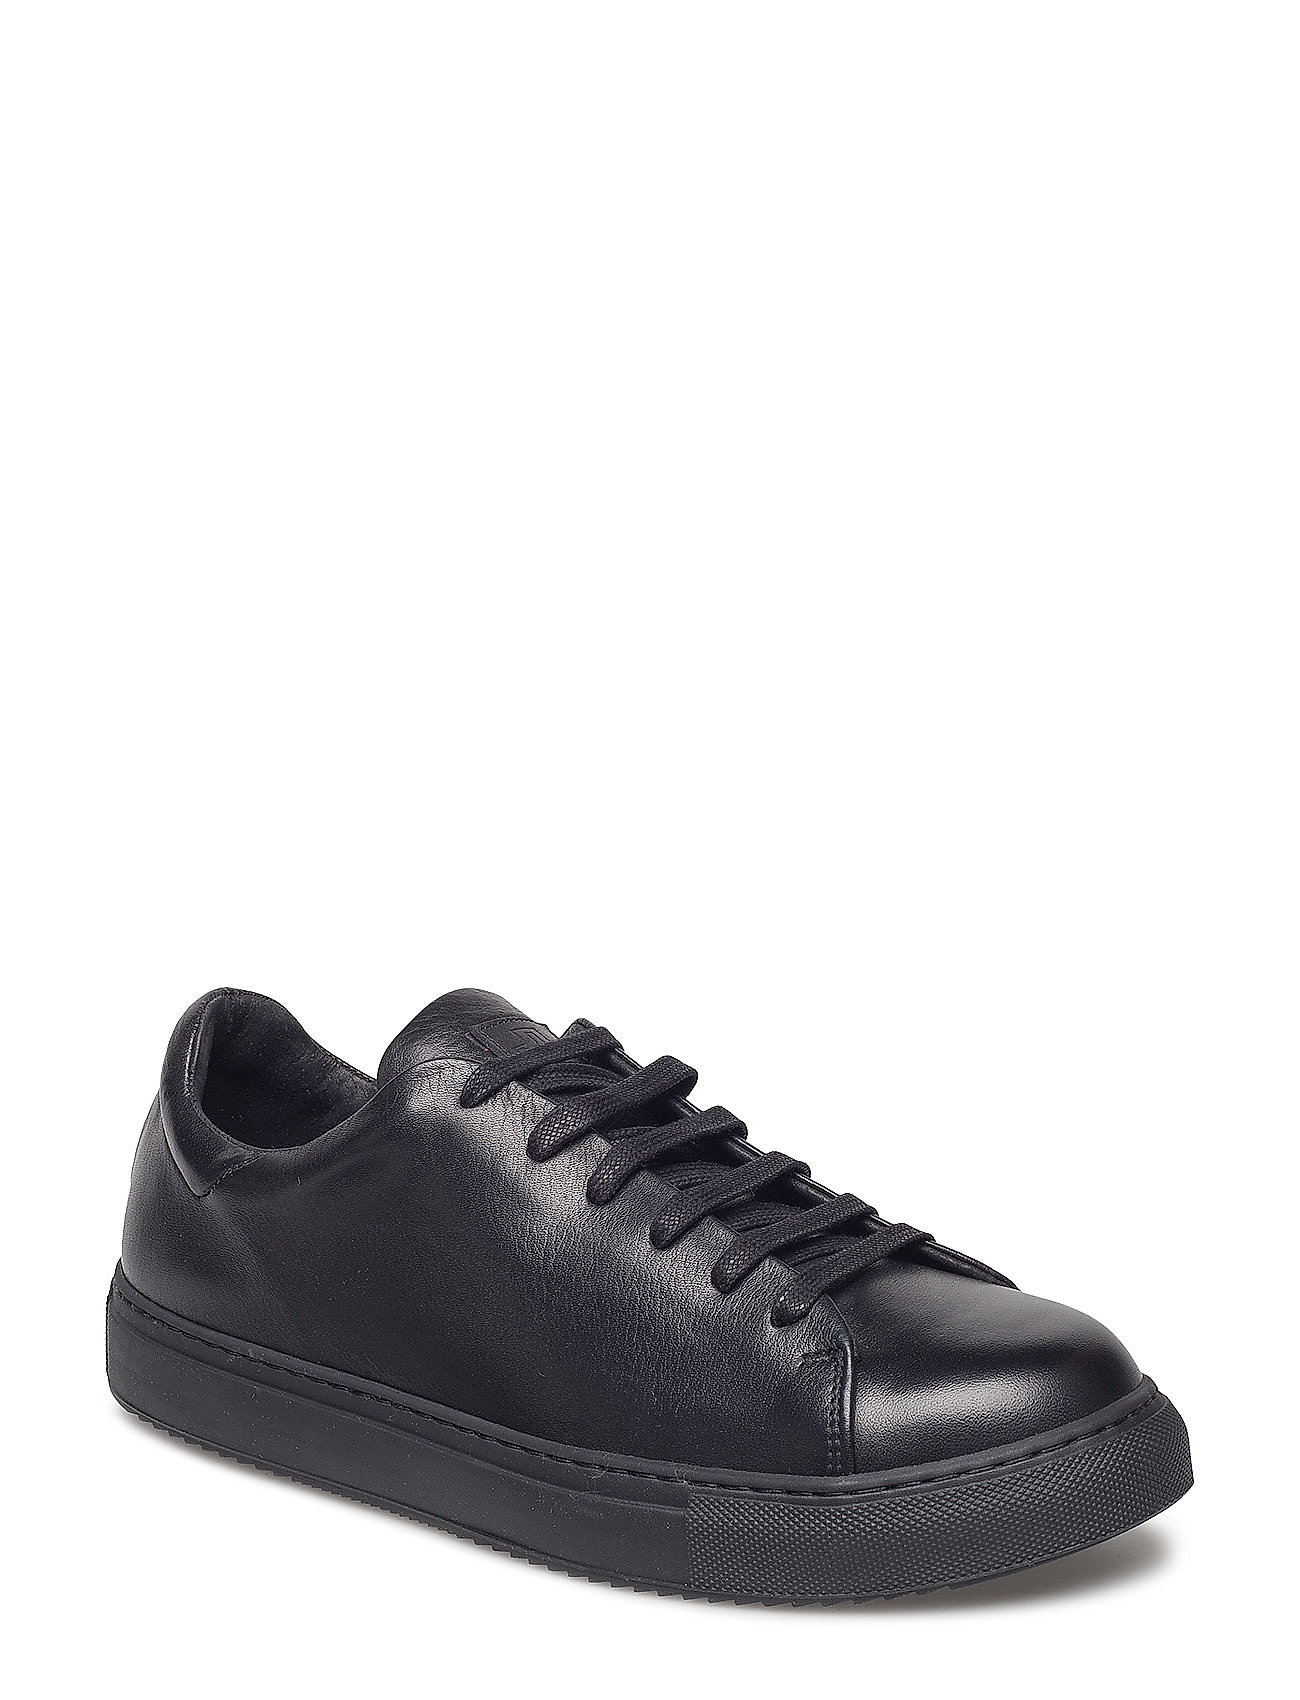 Lt Mens Italien Sneakers J.lindeberg Noir NNG0Pc